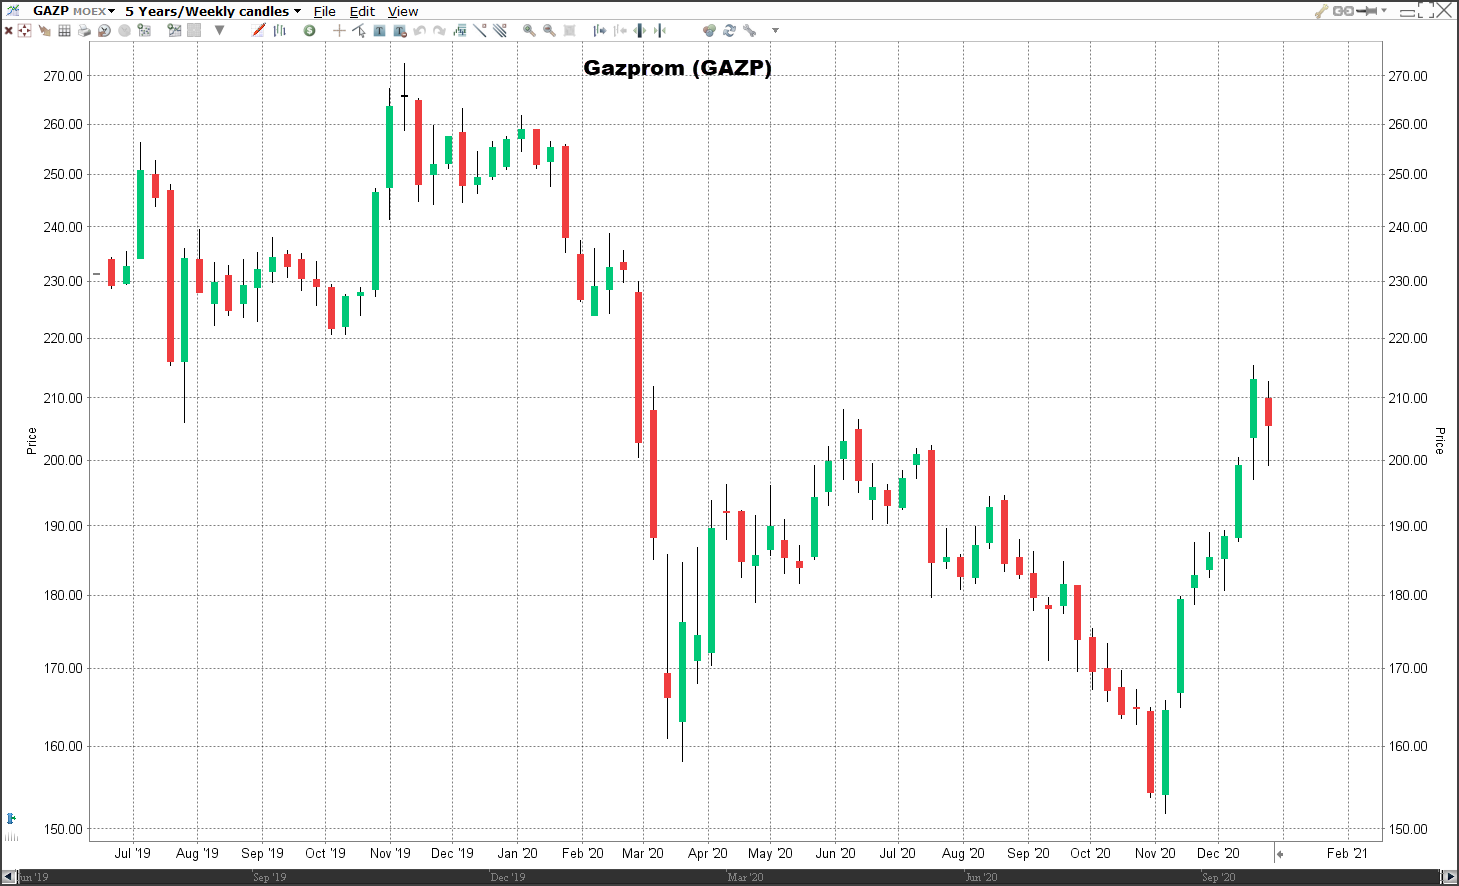 Aandeel Gazprom koers   Welke aandelen kopen 2021?